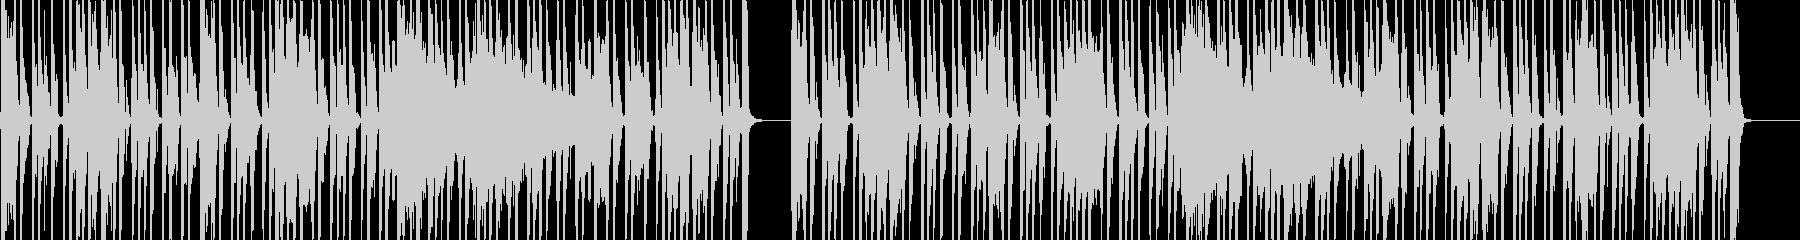 グルーヴ感たっぷりのファンク調セッションの未再生の波形